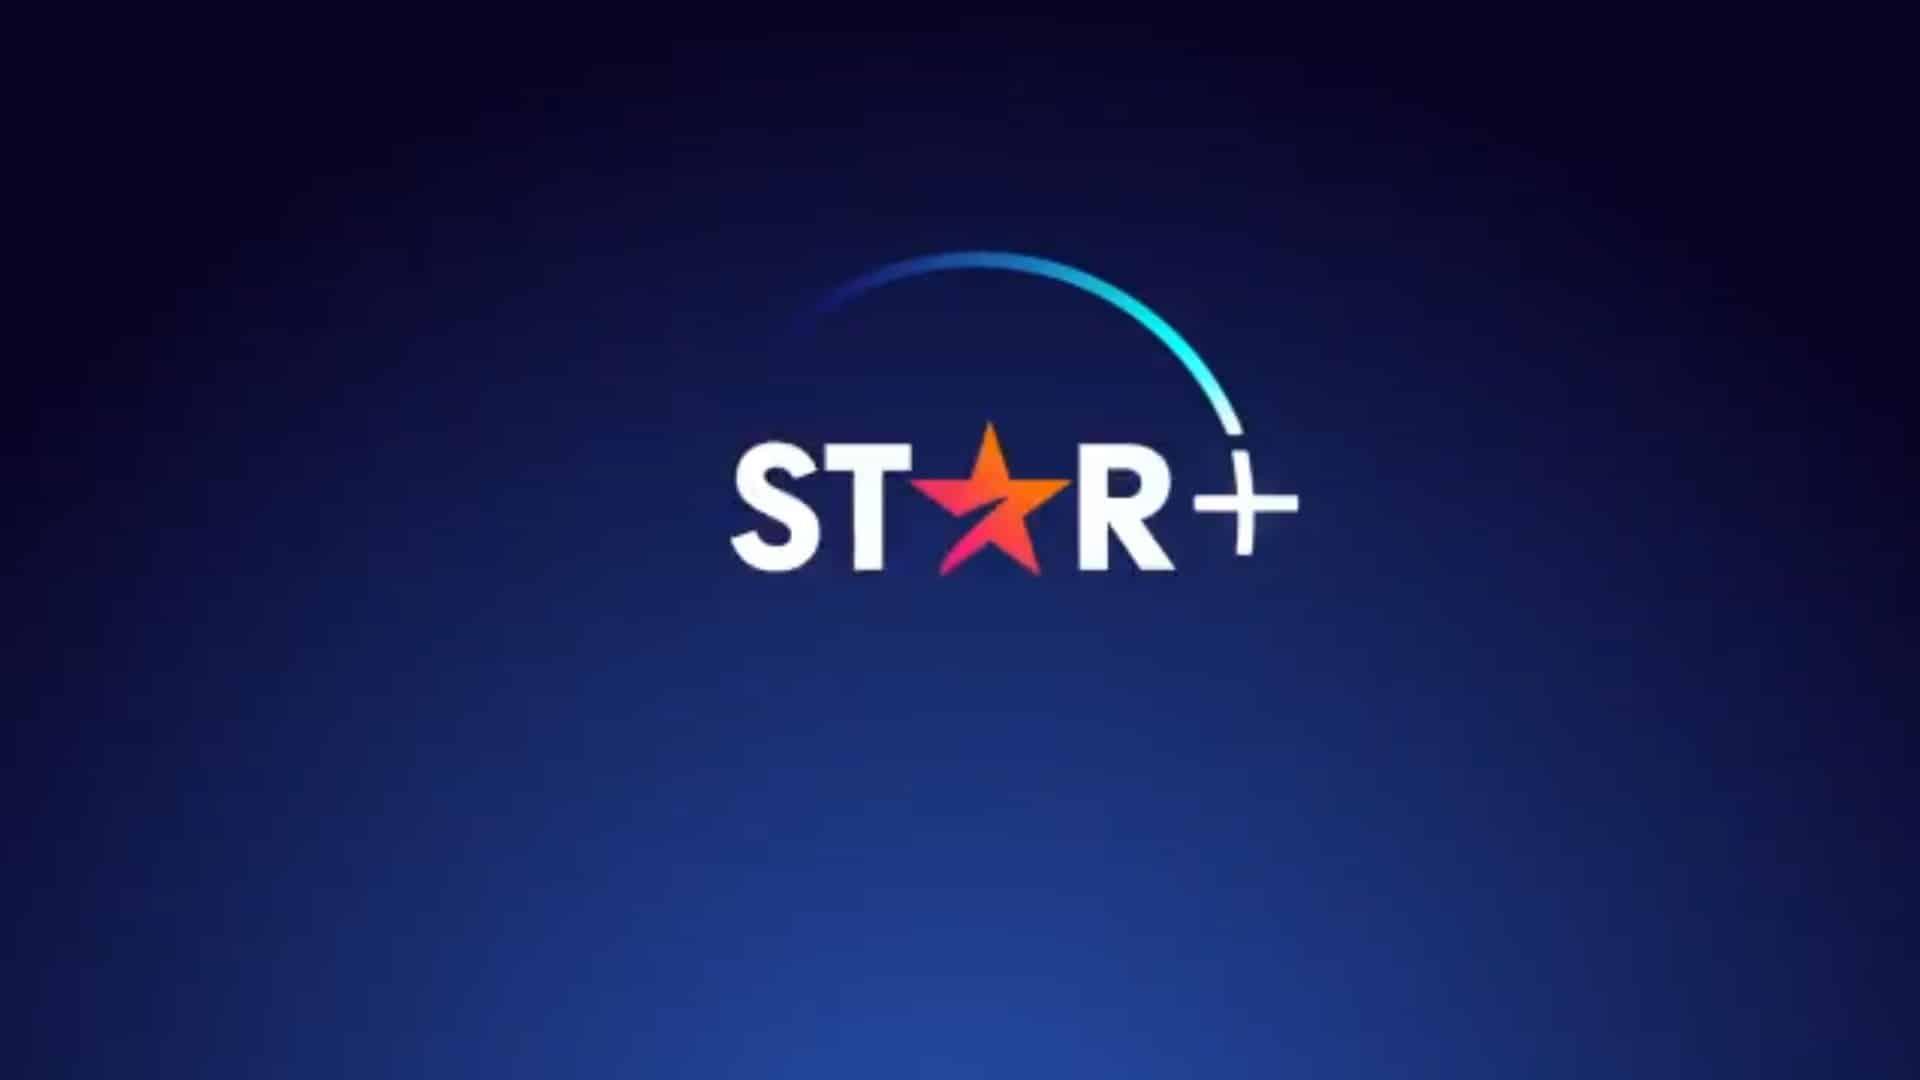 STAR - Nova marca da Disney Company substitui os canais FOX